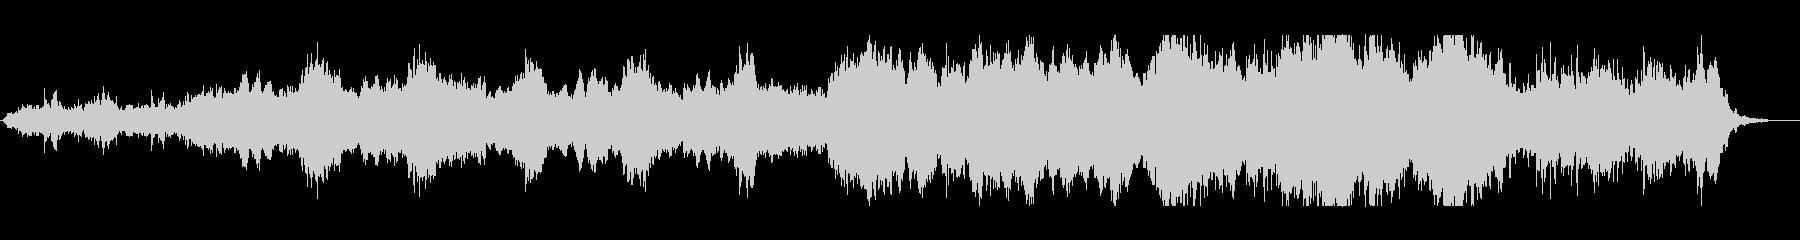 KANTホラー不気味BGM200710の未再生の波形